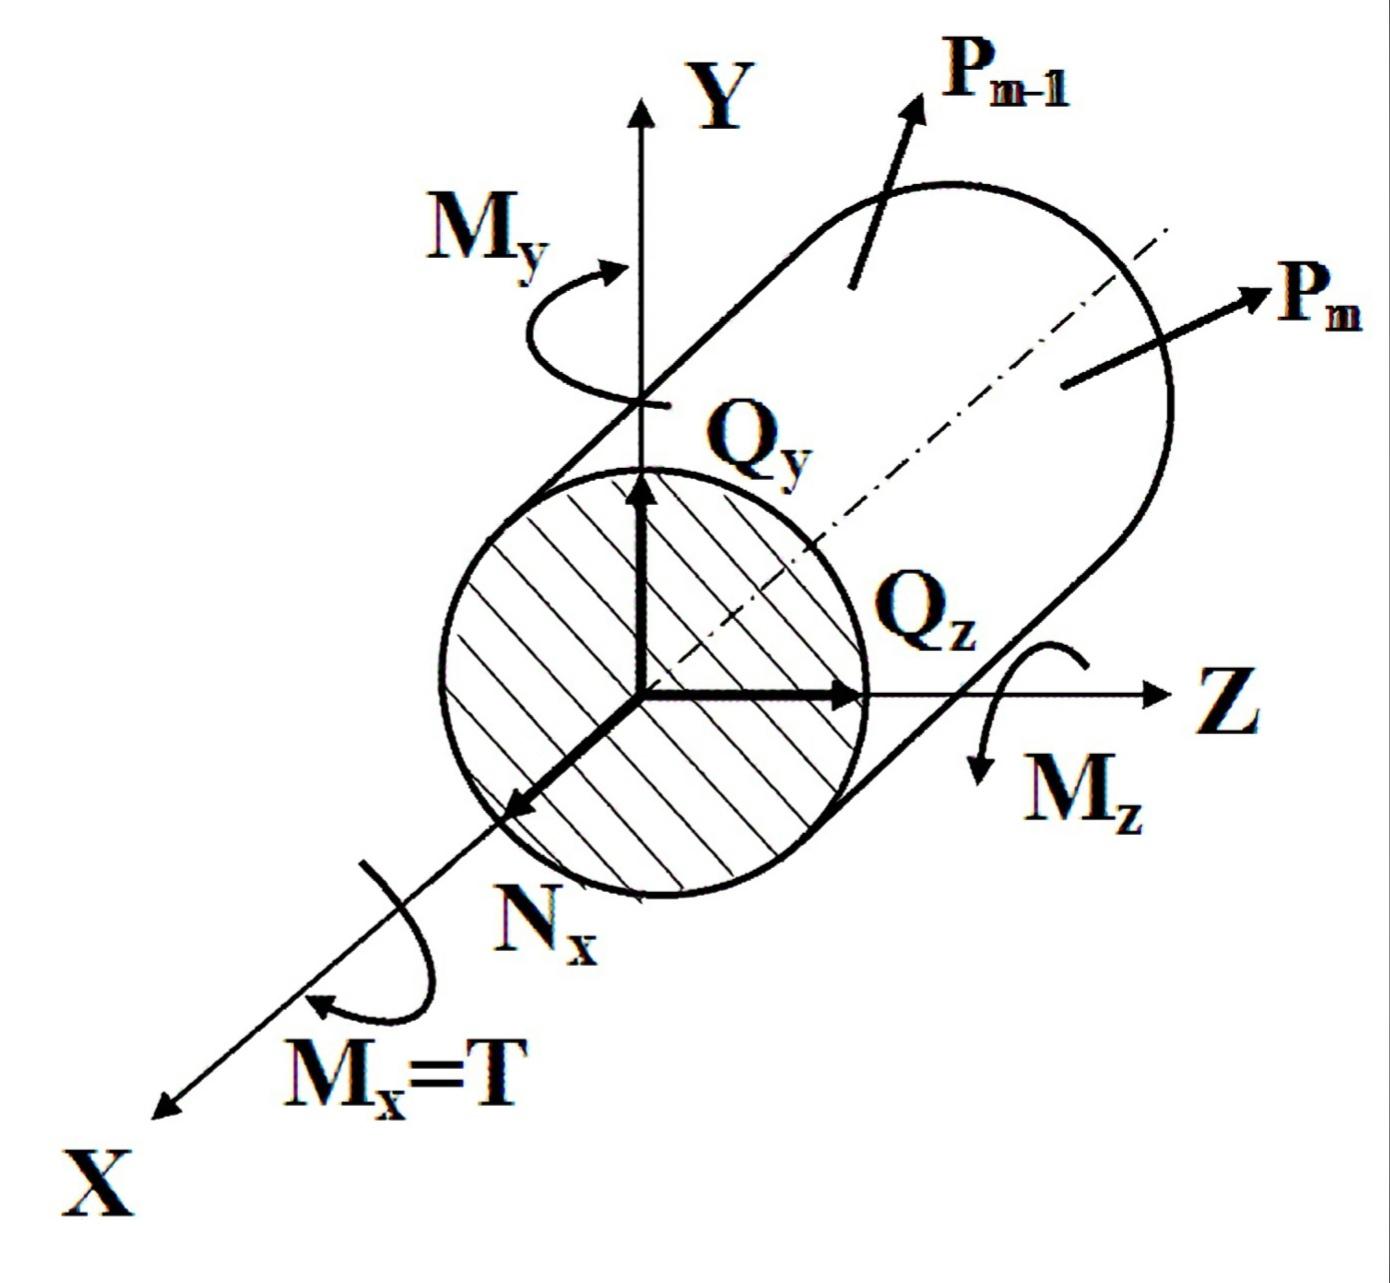 Метод сечений: исследование продольных и поперечных сил в сечении, крутящего и изгибающих моментов. На любое сечение воздействуют силы и моменты. По x продольная сила, по x и z поперечная сила. По x момент работающий на кручение, по x и z момент работающий на изгиб (изгибающий момент).